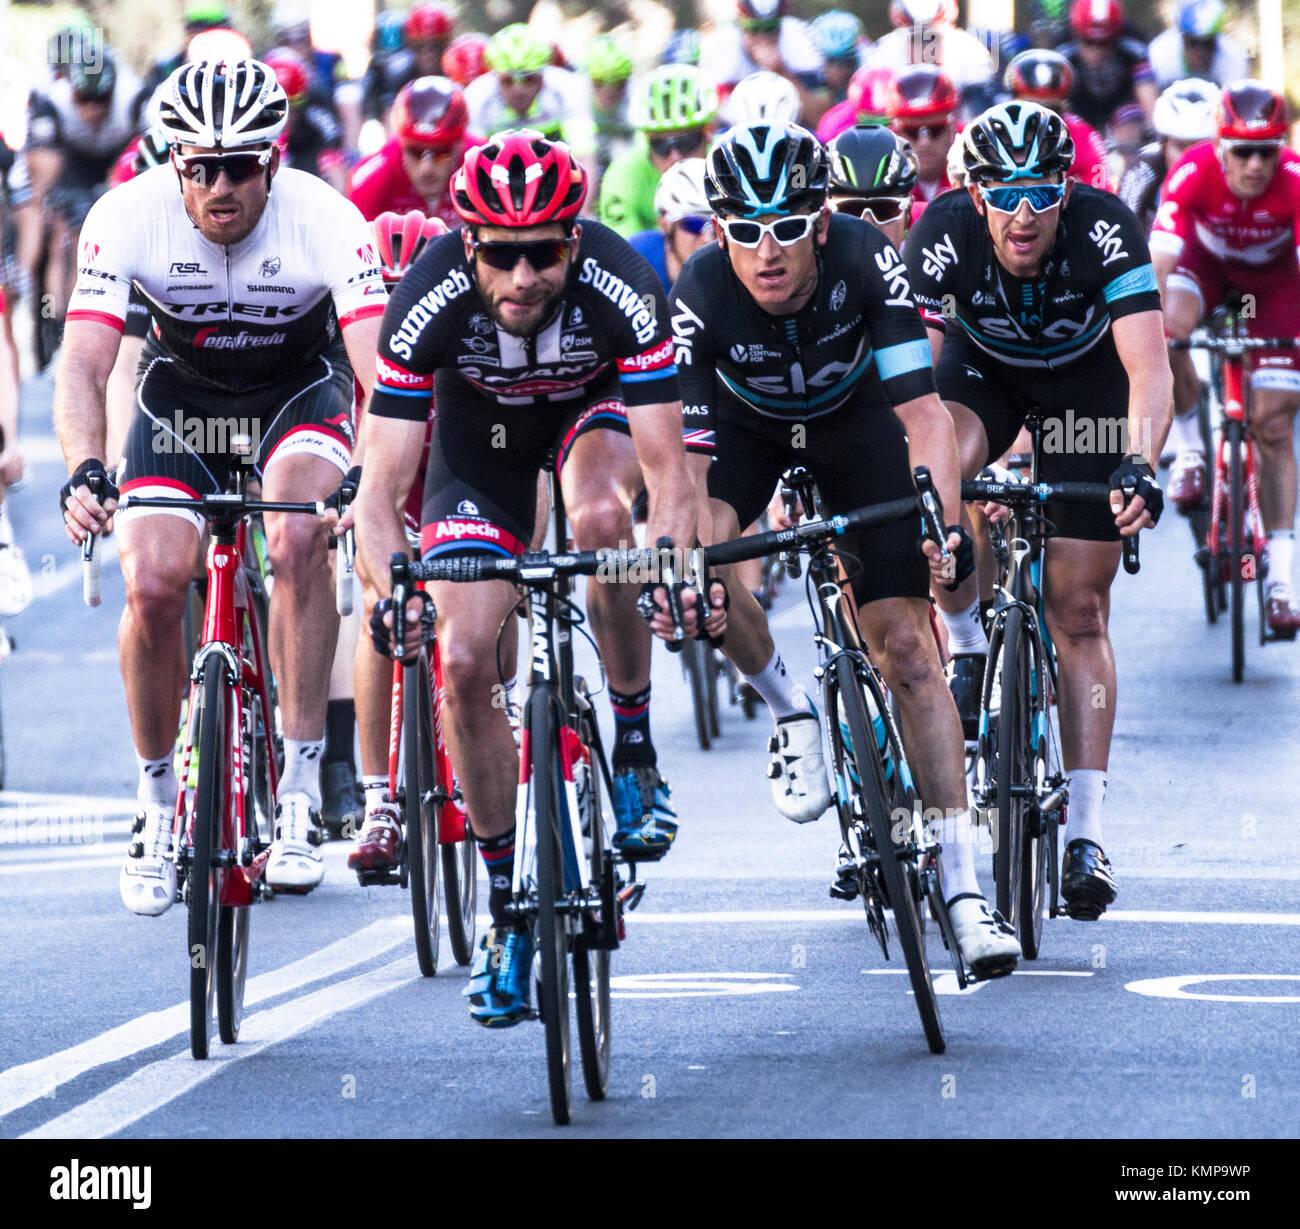 Imperia, IM, Ligurie, Italie - 20 mars 2016: Une course cycliste importante dans une petite ville en Italie Photo Stock